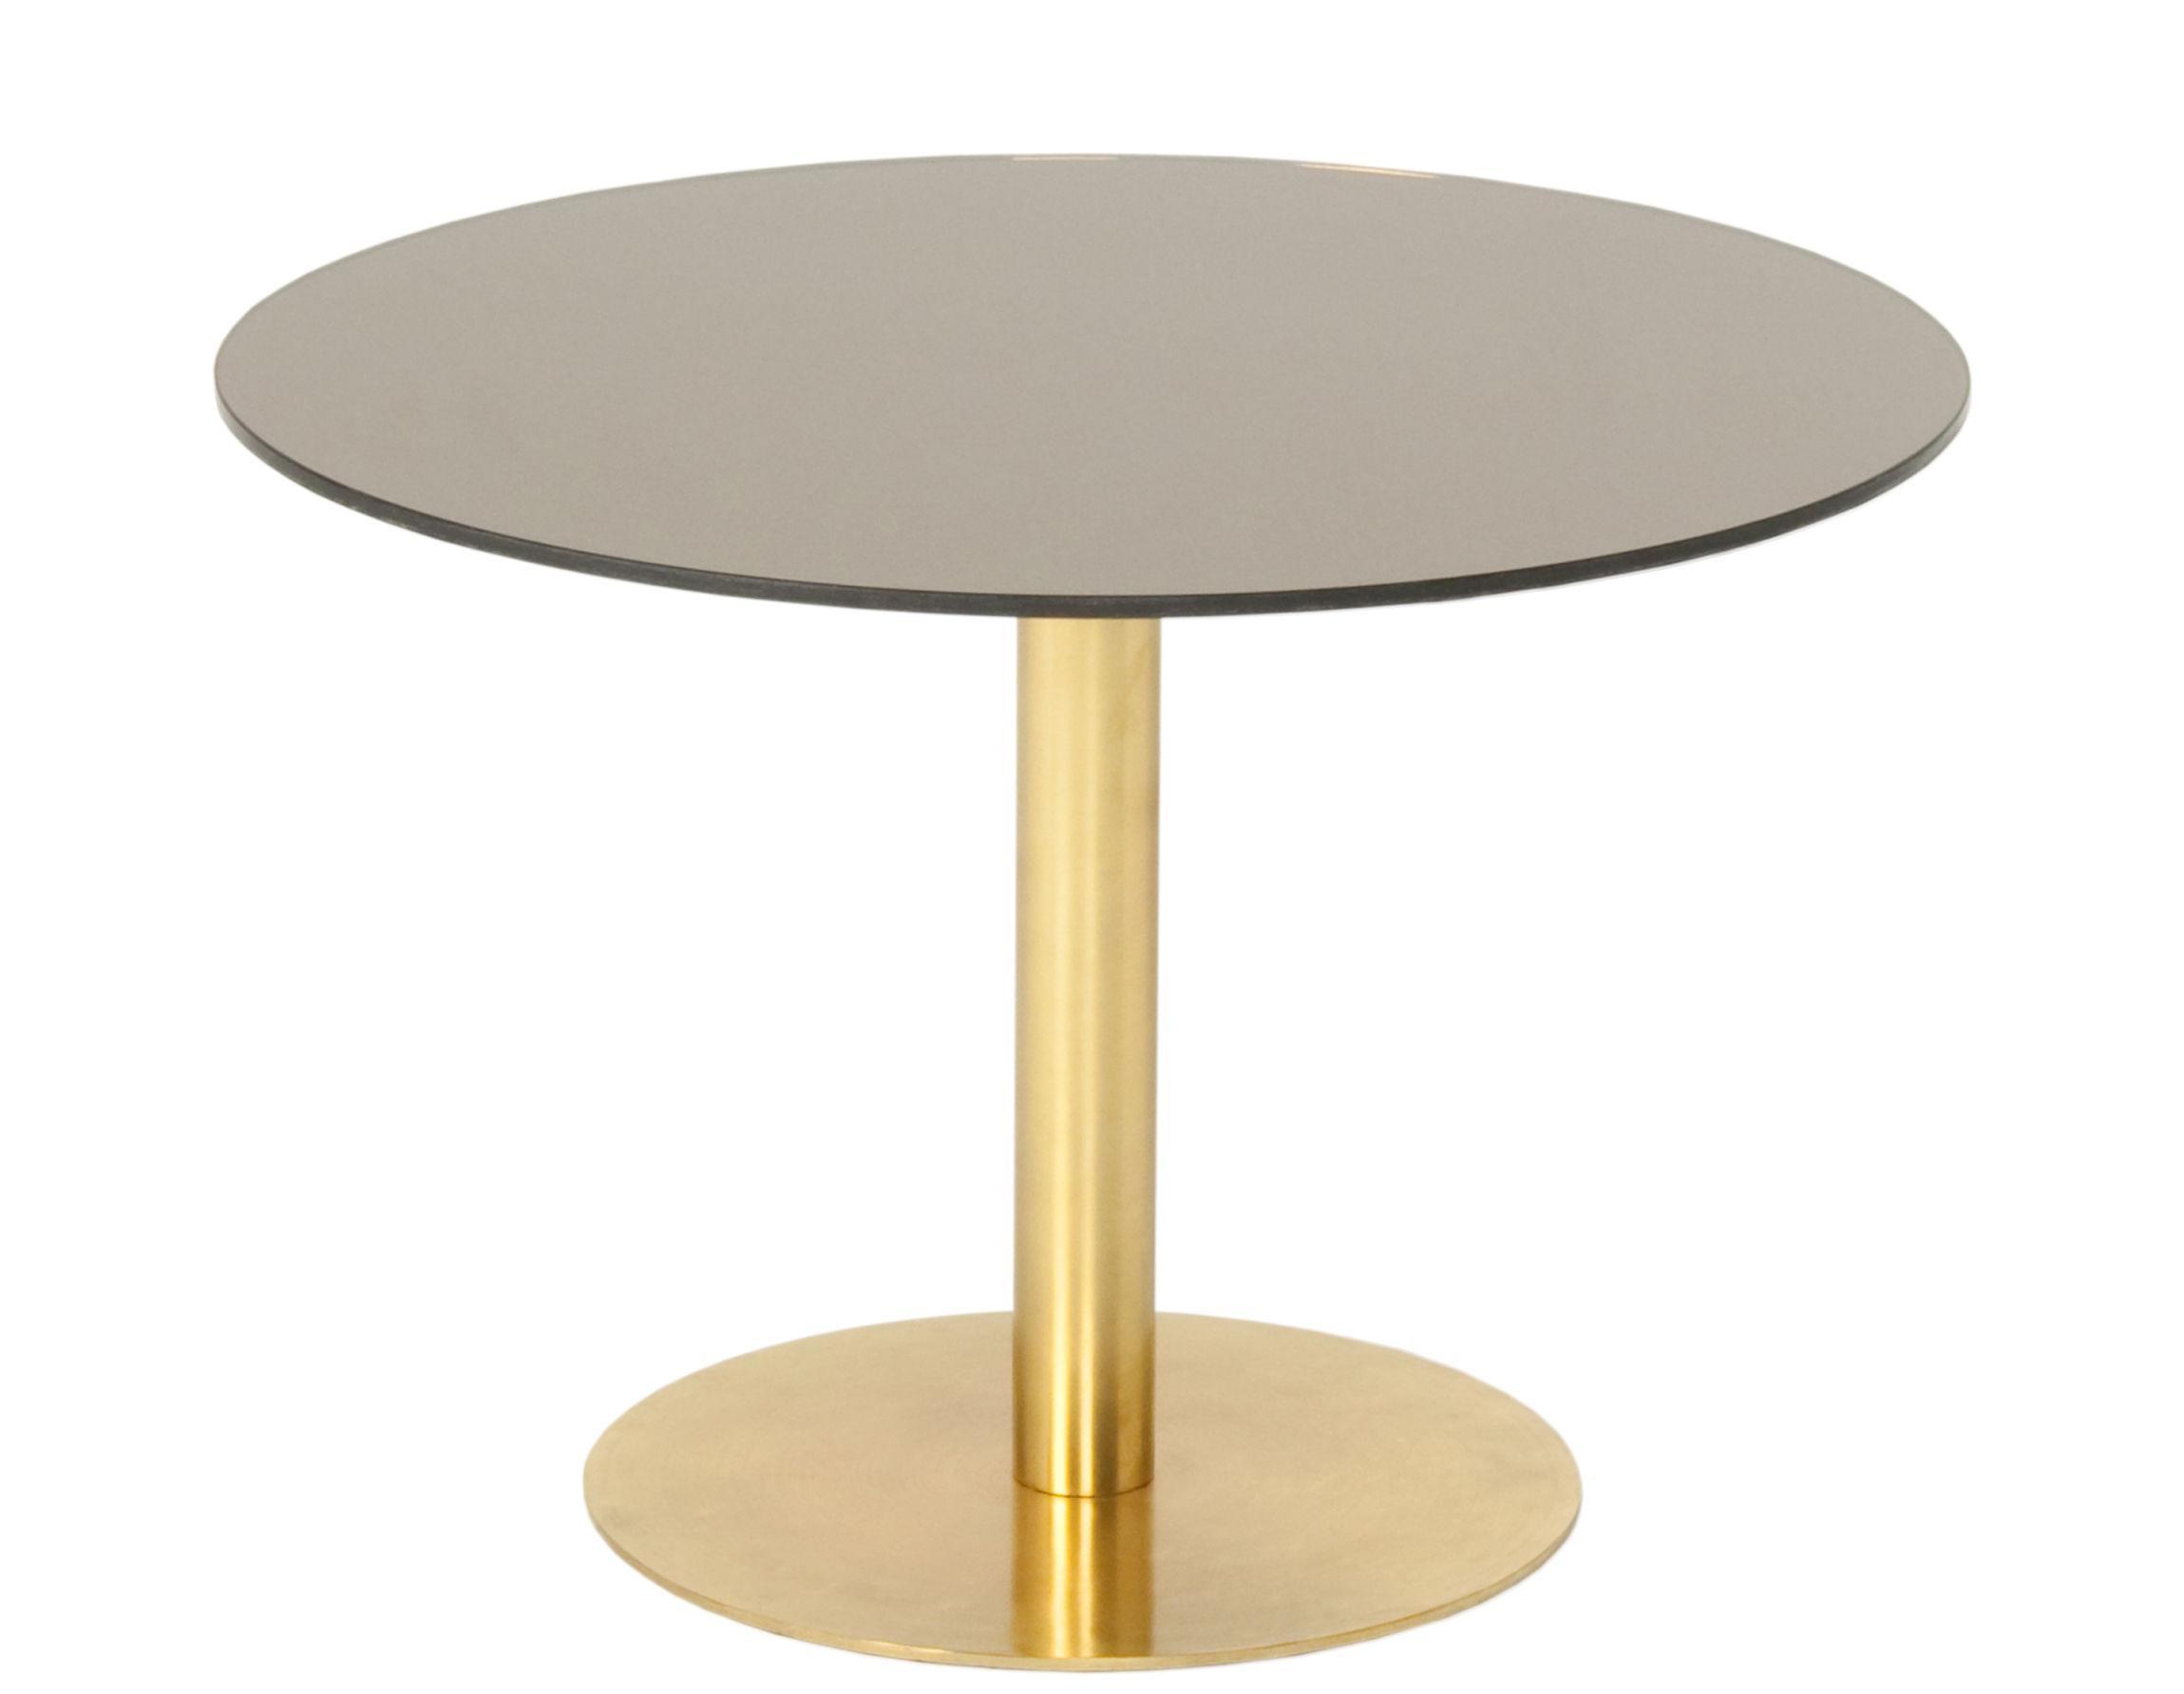 Mobilier - Tables basses - Table basse Flash / Ø 60 cm - Tom Dixon - Bronze / Or - Laiton, Verre avec film cuivré